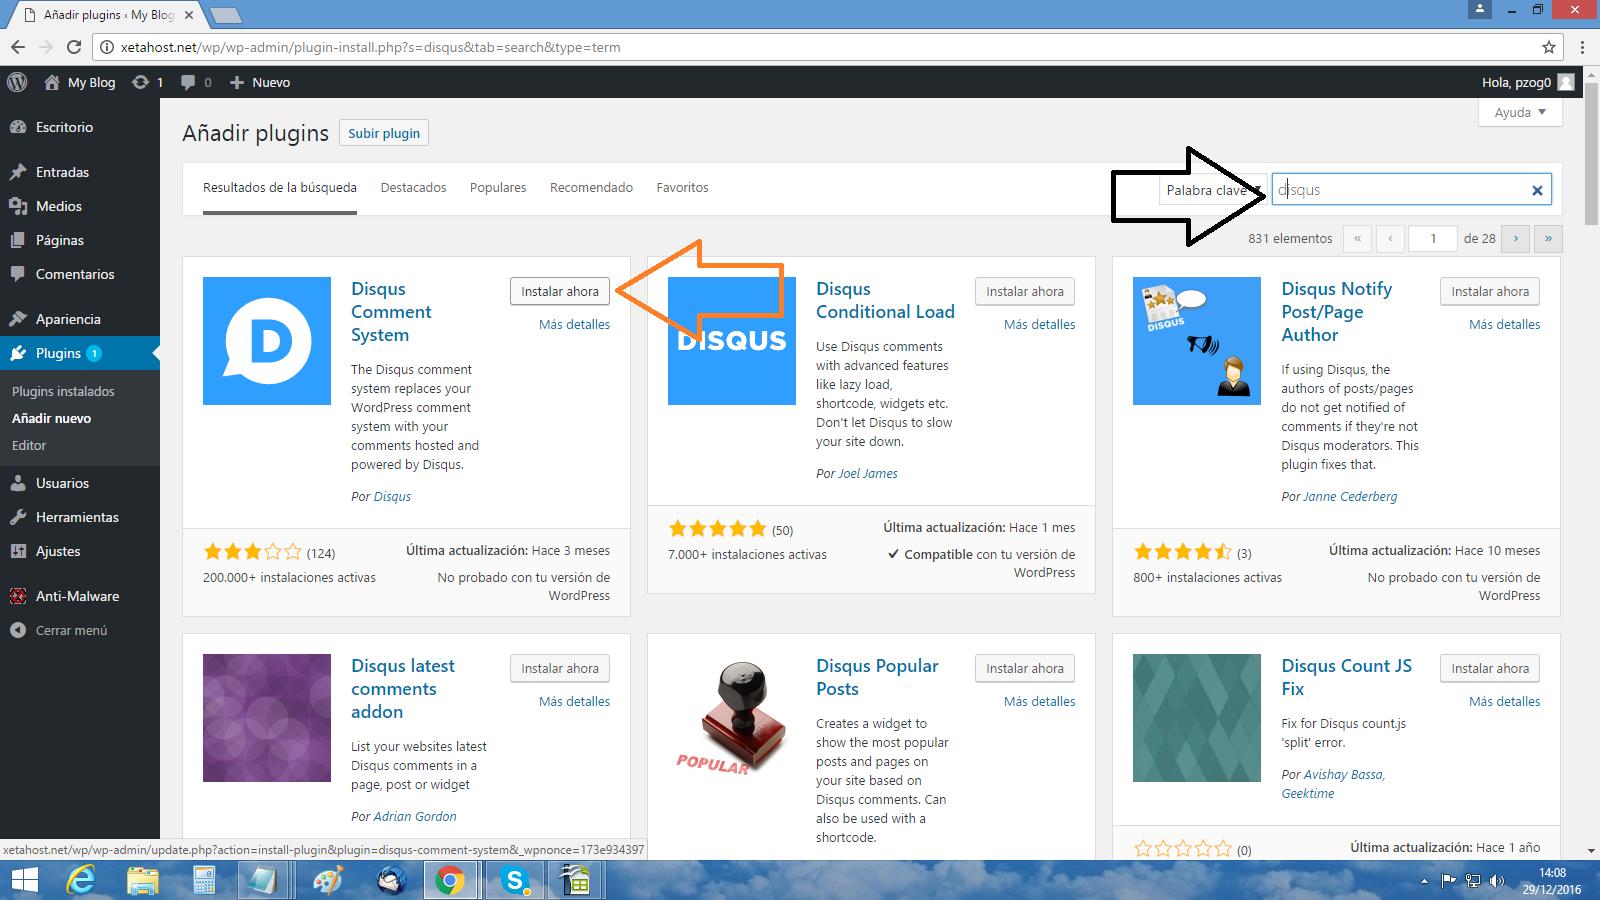 Cómo instalo Disqus en WordPress